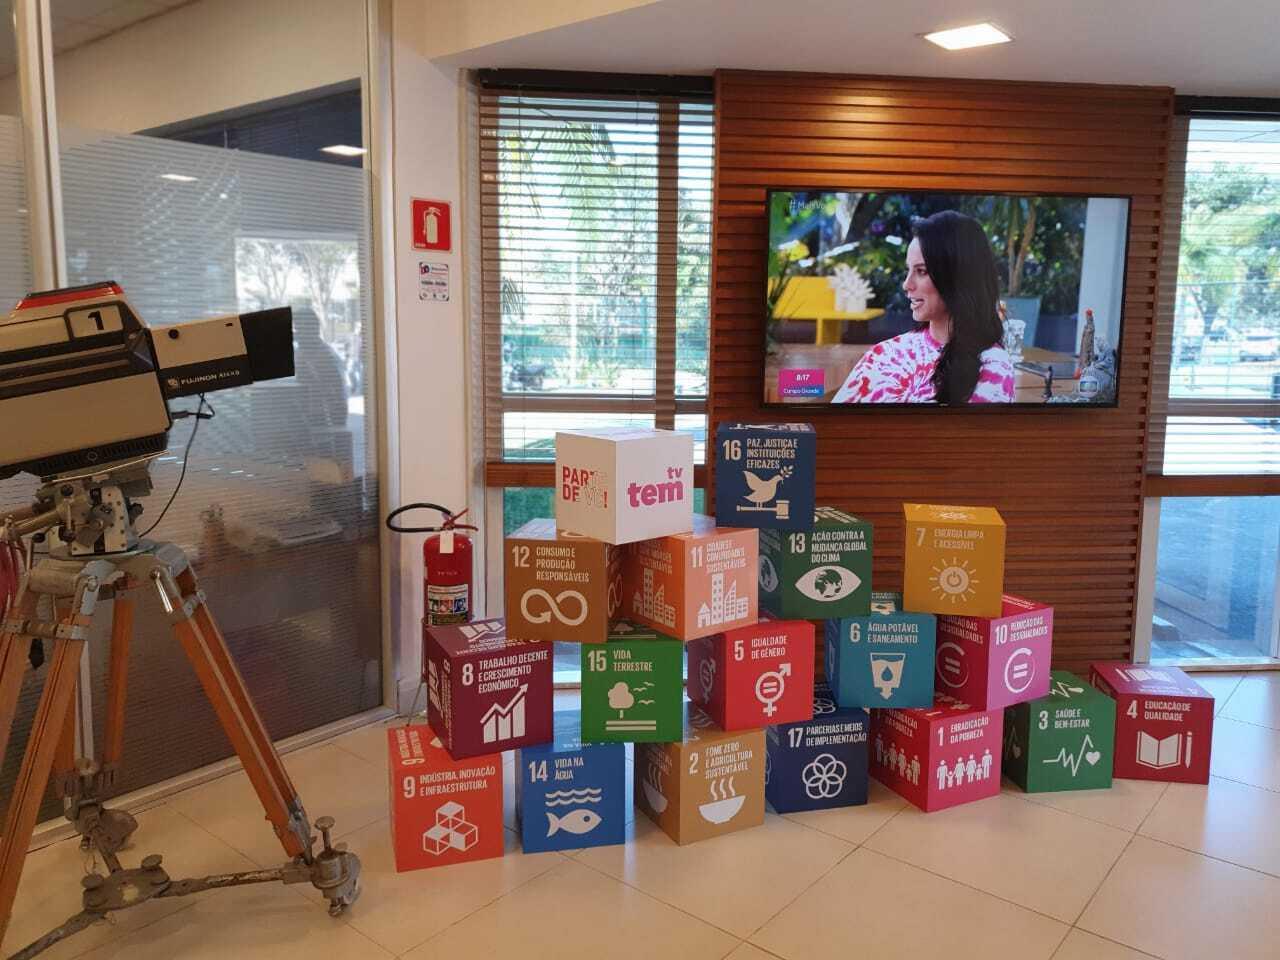 TV TEM passa a integrar a maior iniciativa voluntária de cidadania corporativa do mundo